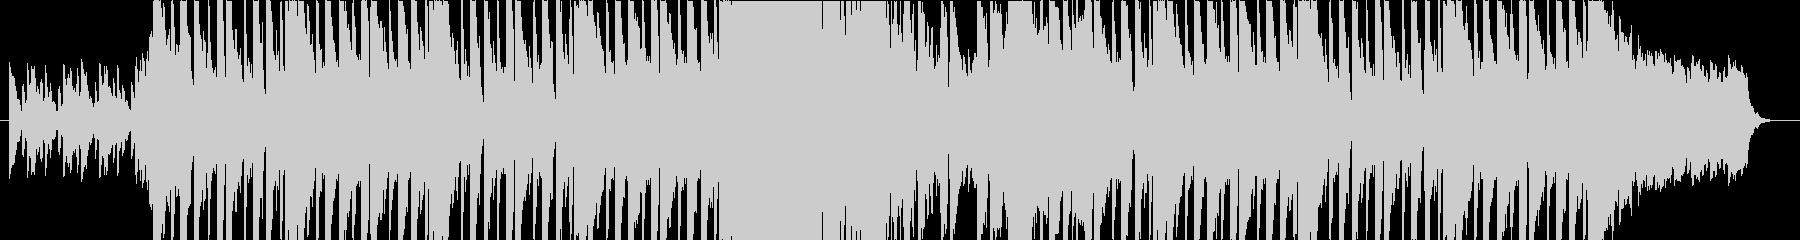 ダークな雰囲気のEDMの未再生の波形